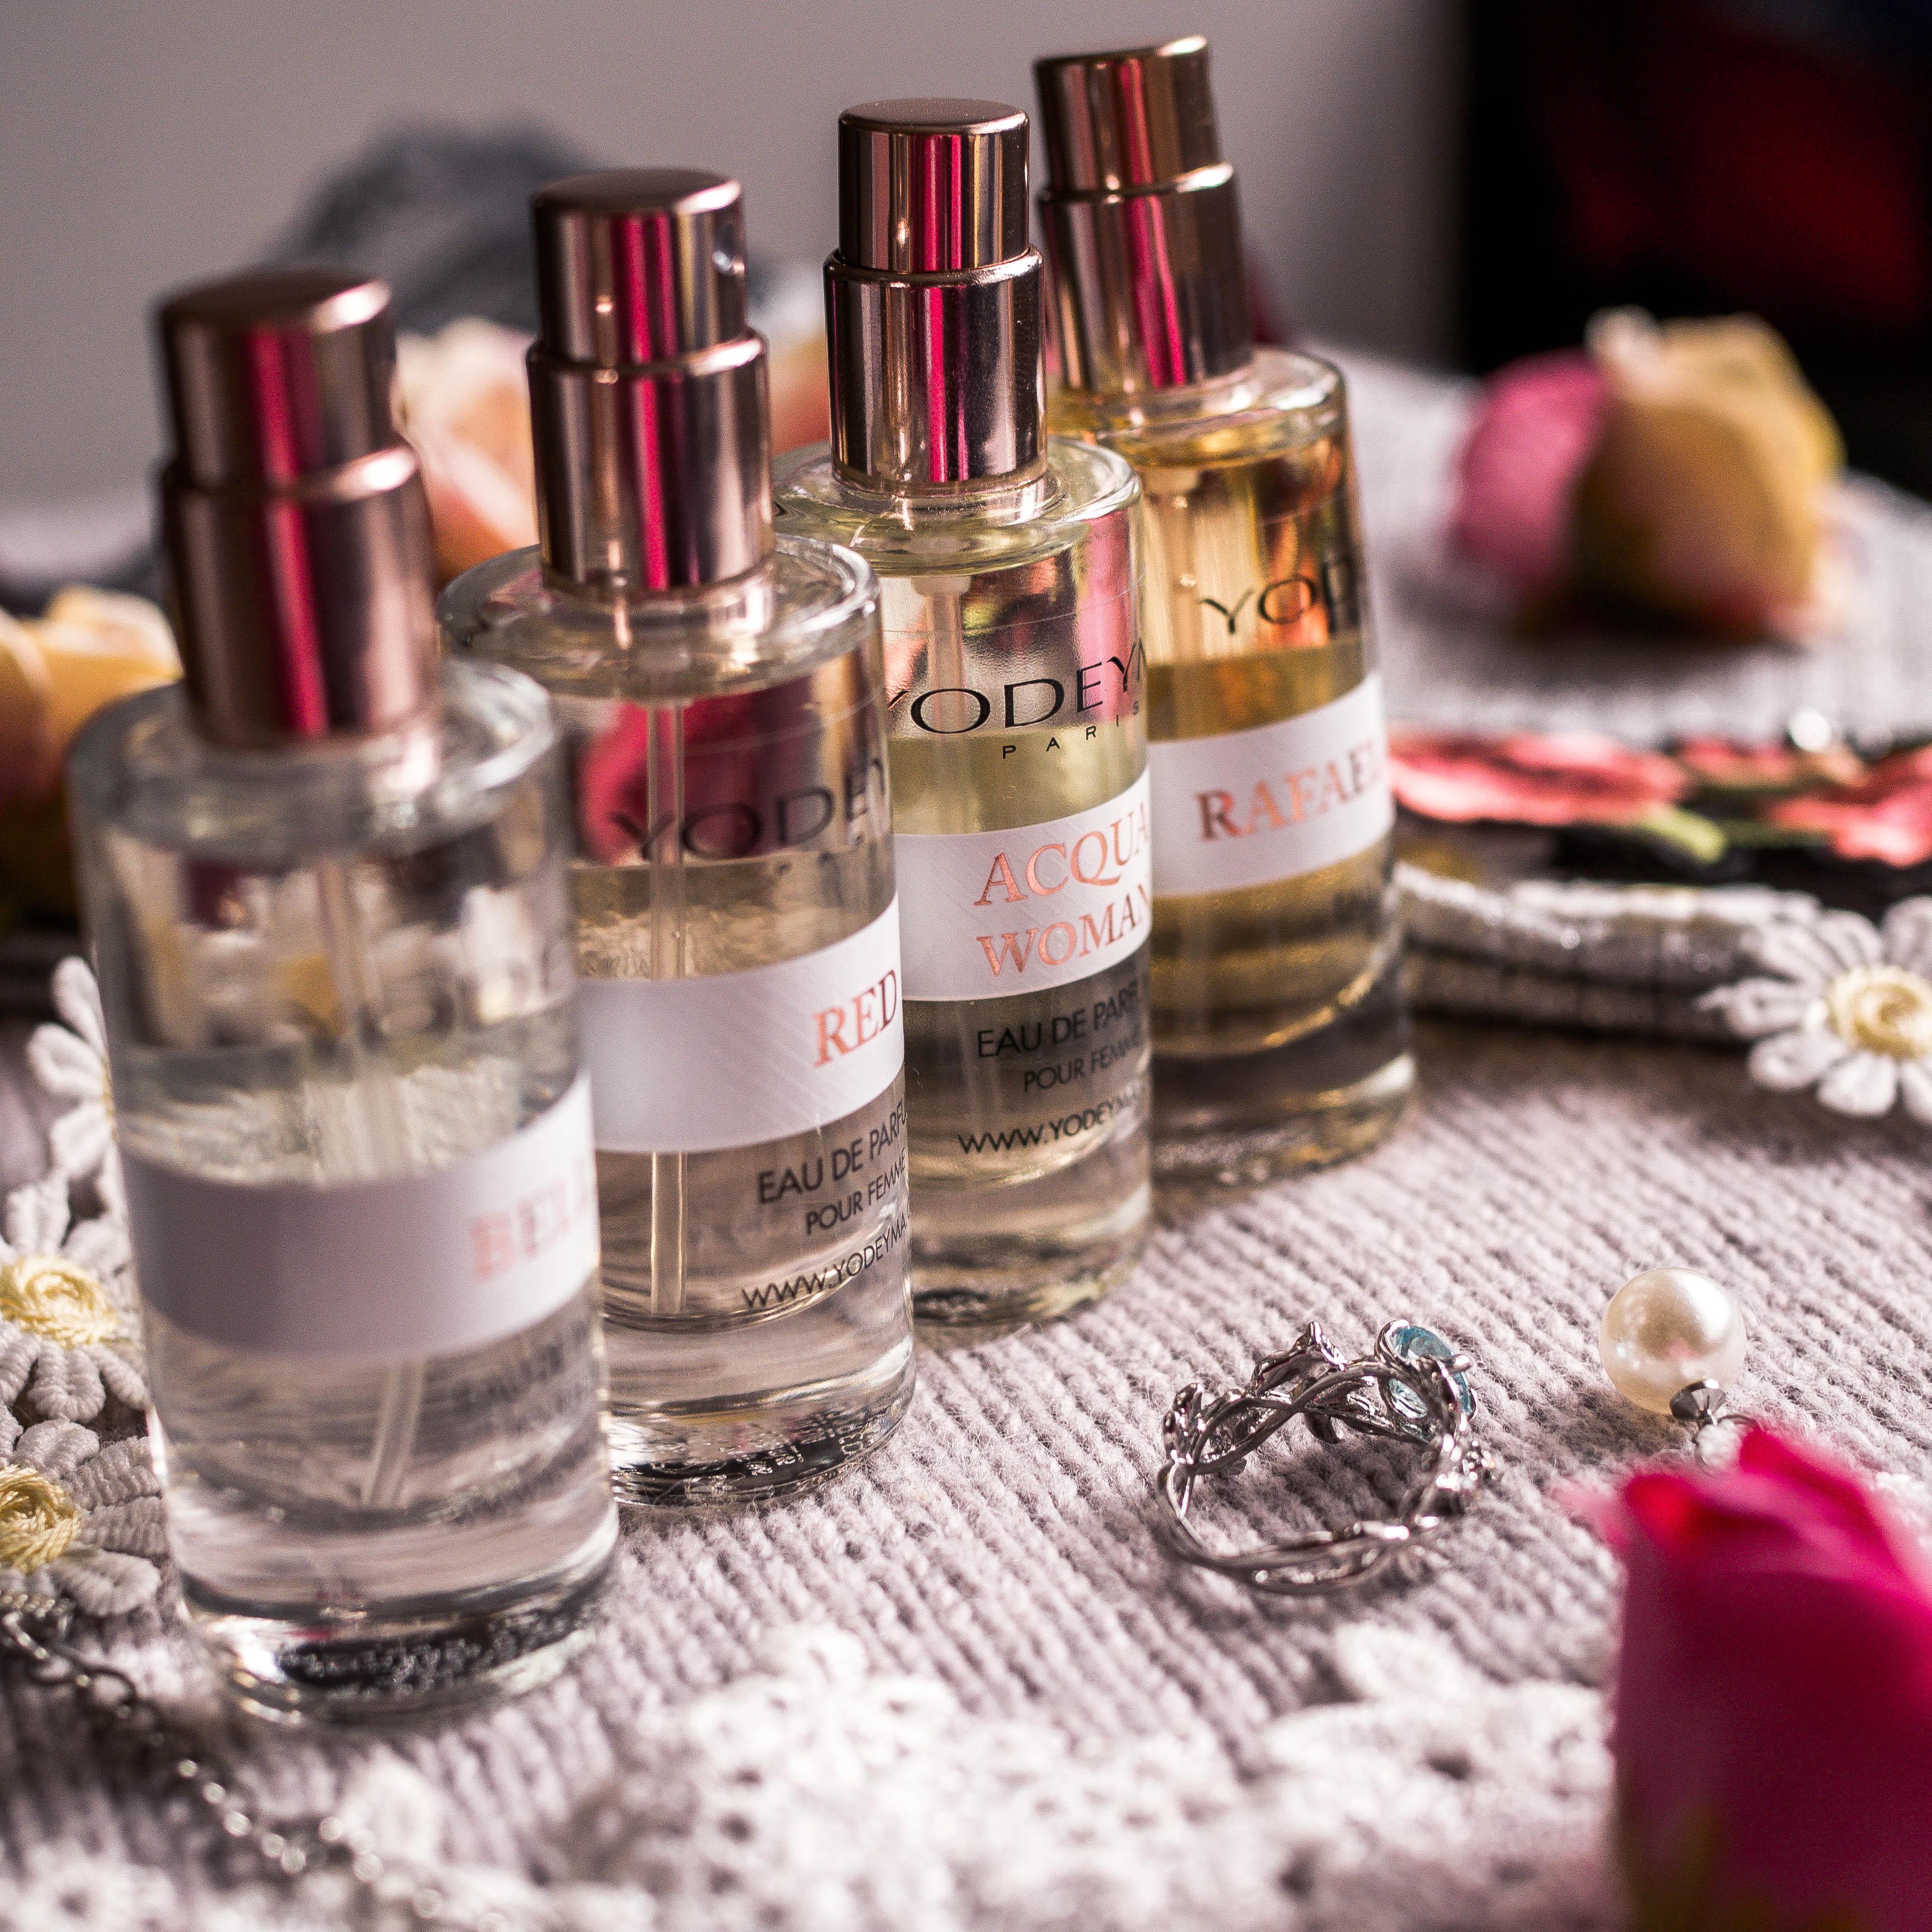 Parfémy YODEYMA Paris podle věku